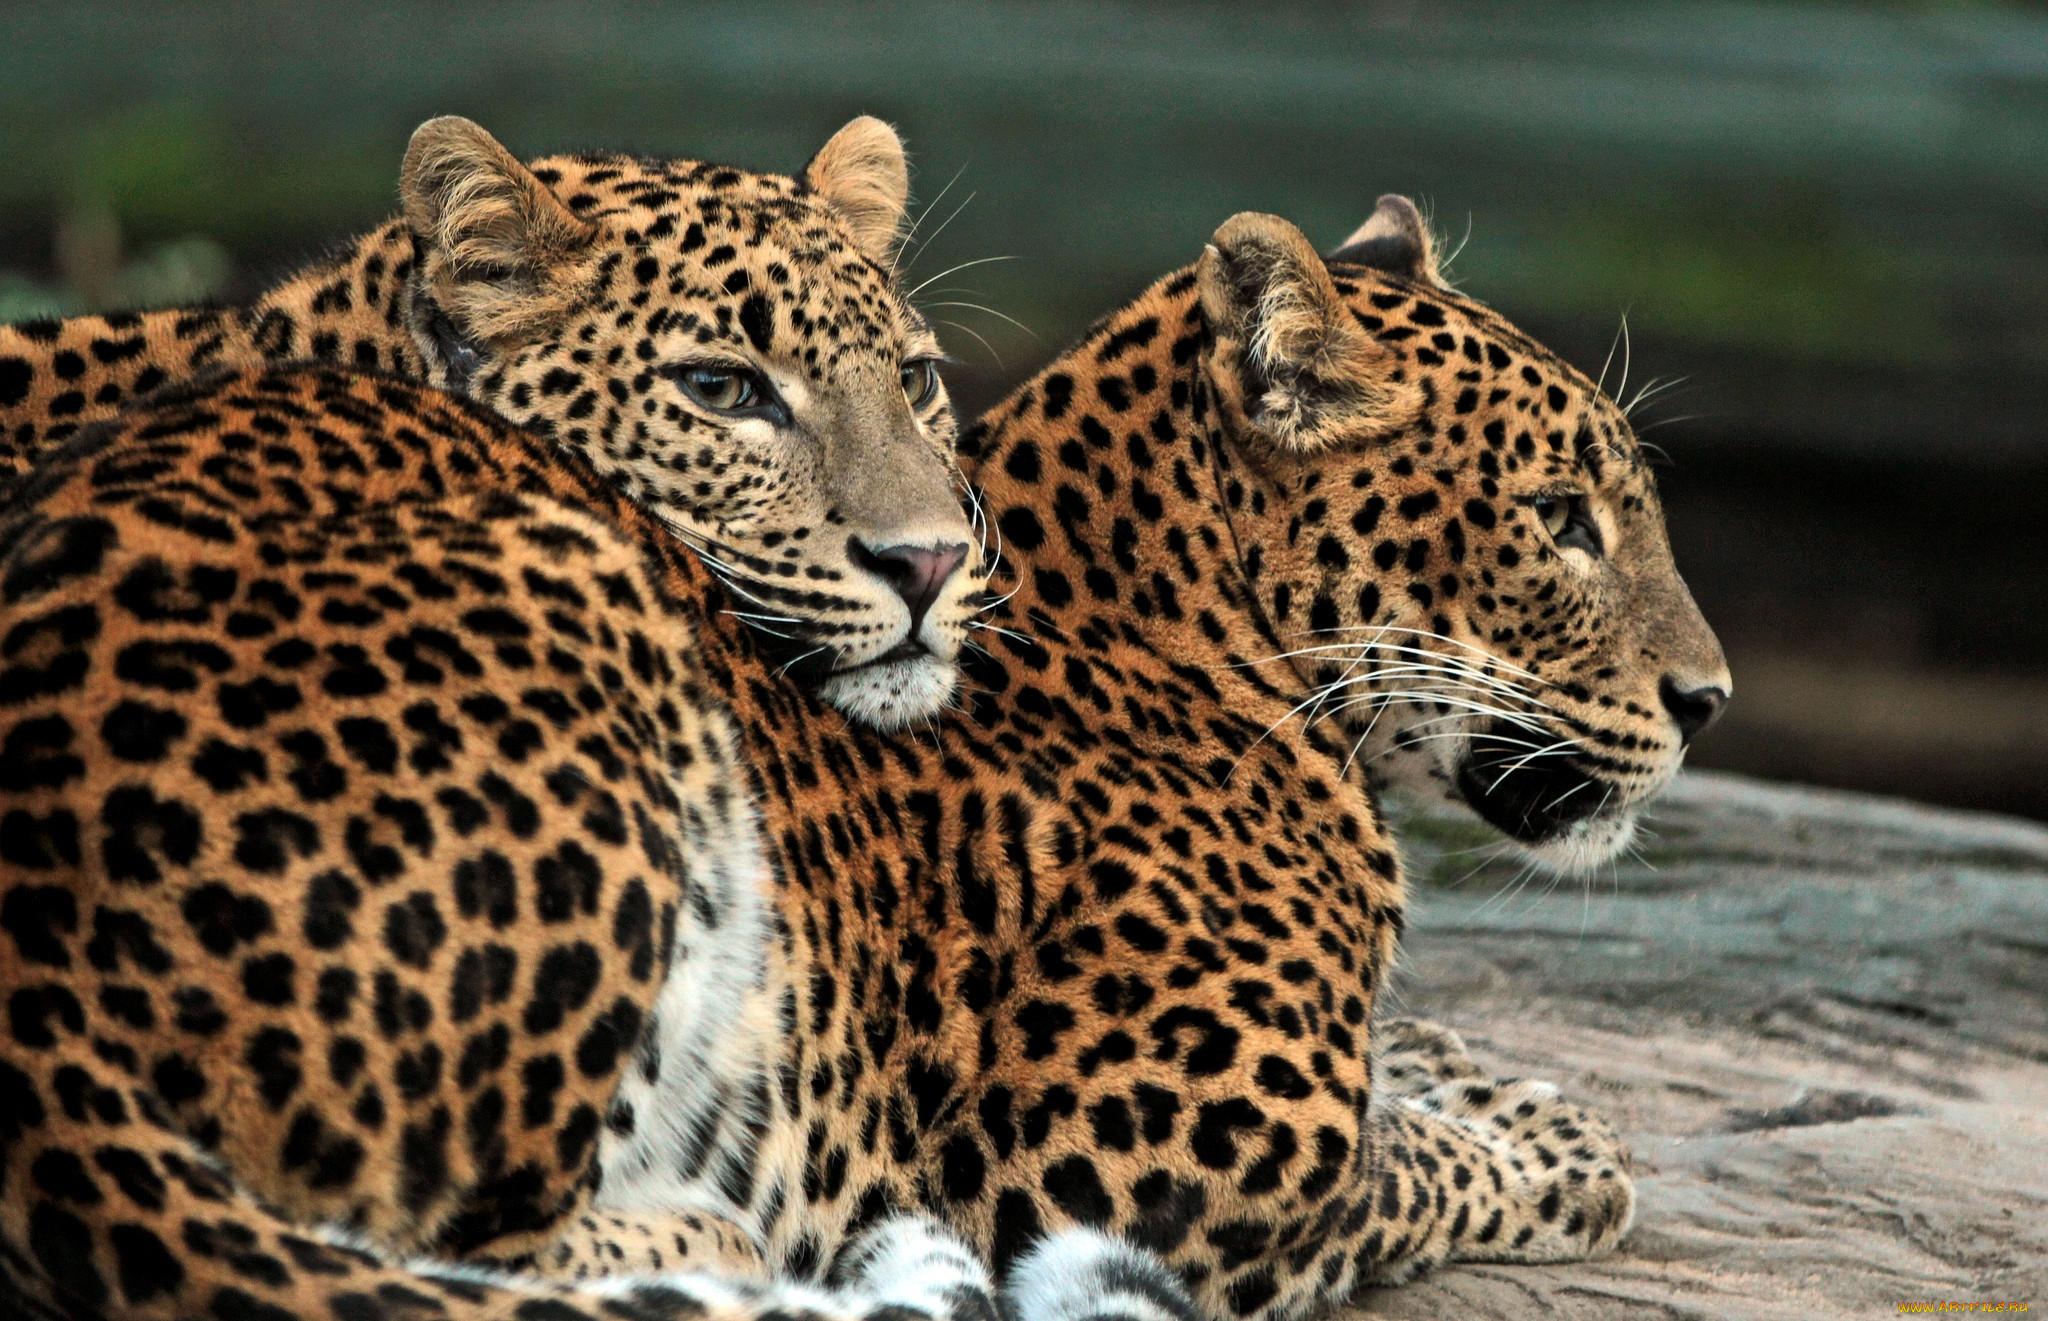 красивая ванная фото красивые леопарды и львы поговорка, что все